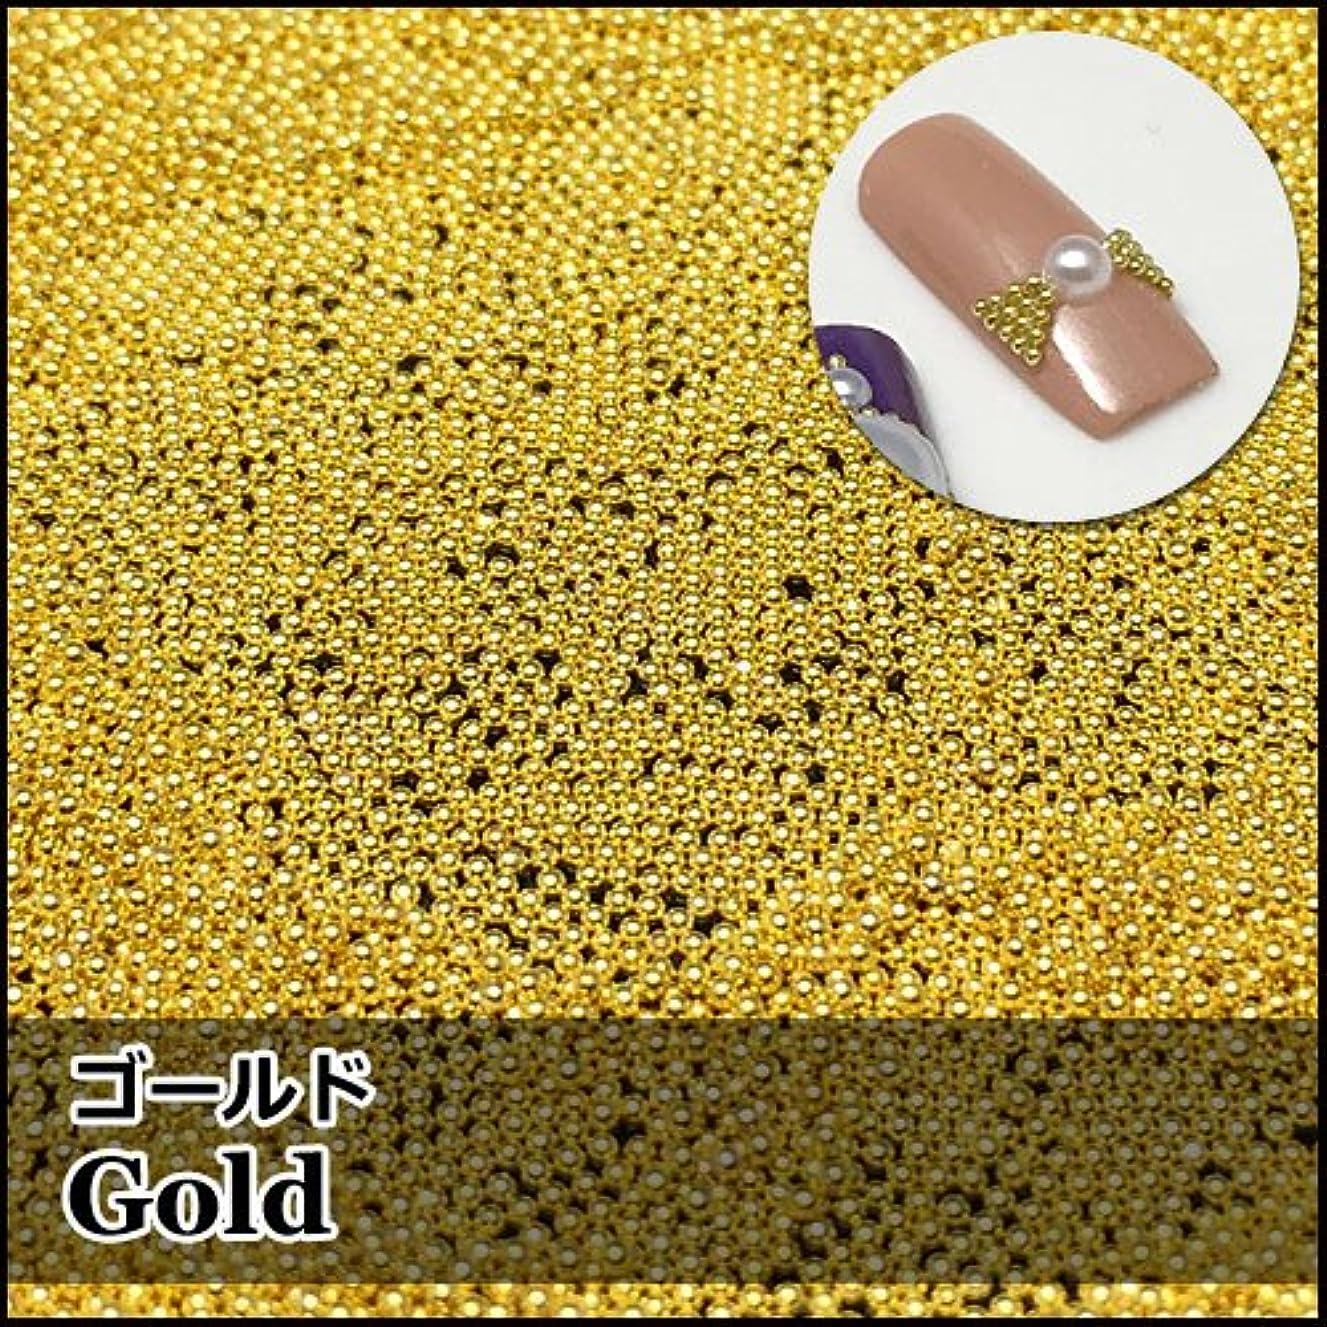 バラ色降伏ヤングメタリックブリオン「ゴールド」1mm×3g入り(約600粒) [並行輸入品]